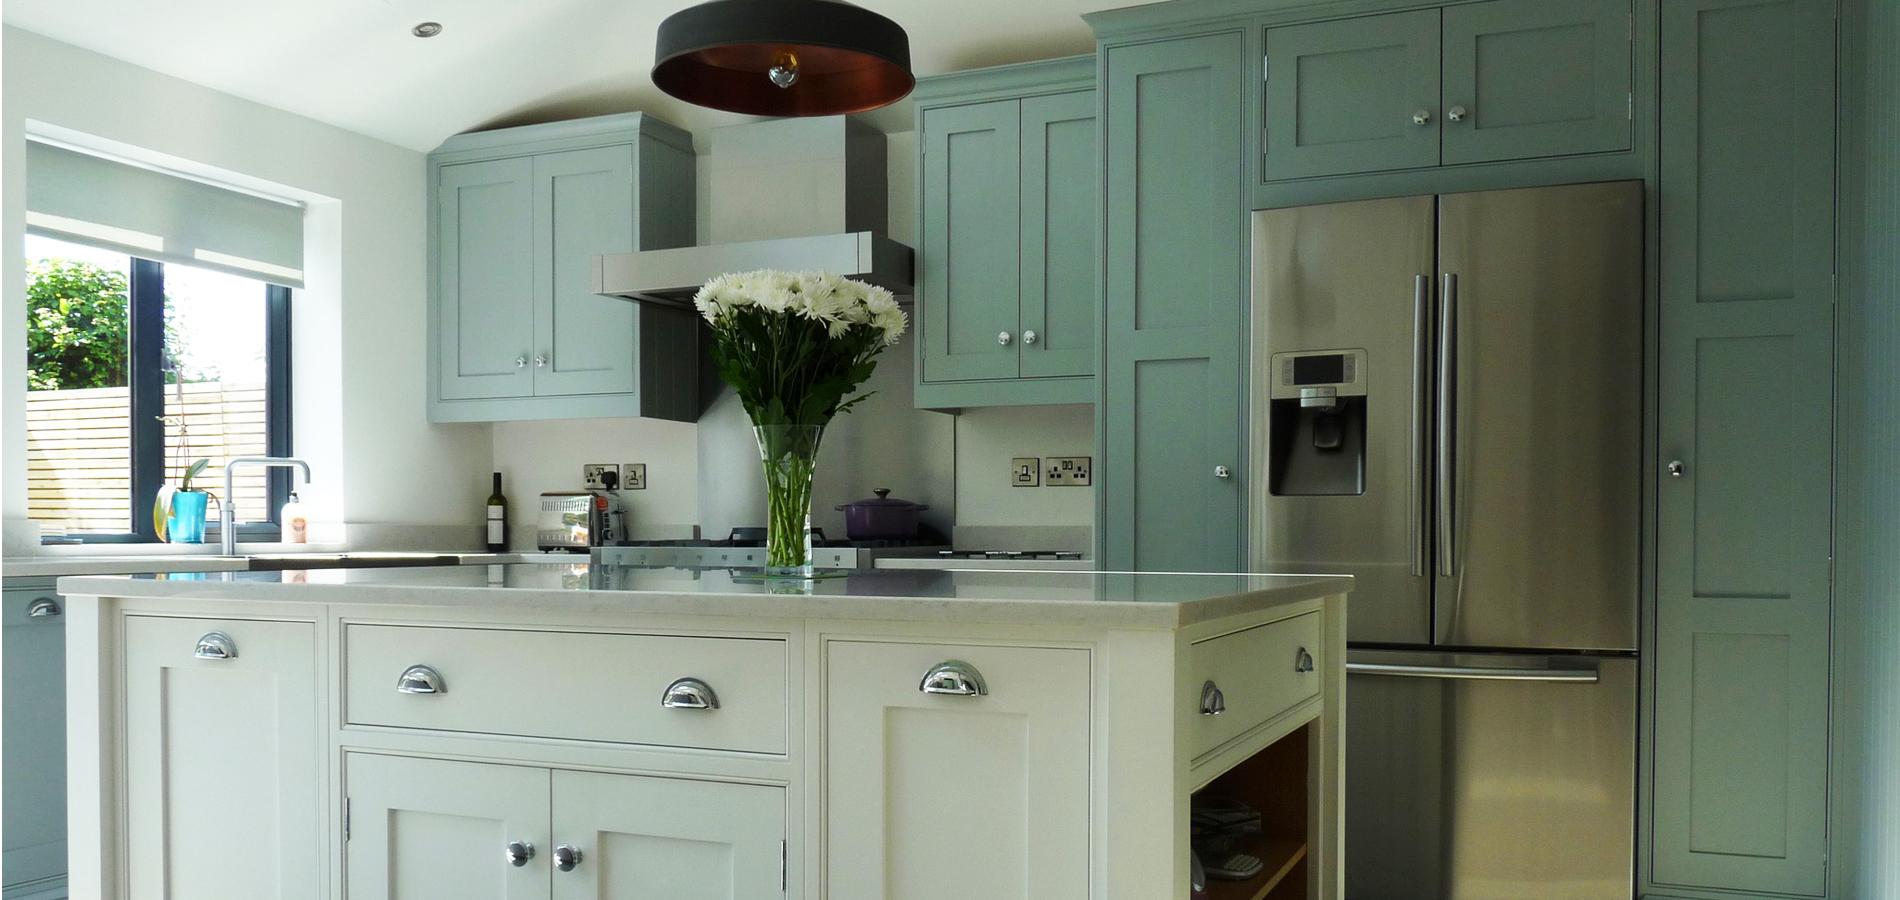 Handmade & Bespoke Kitchens